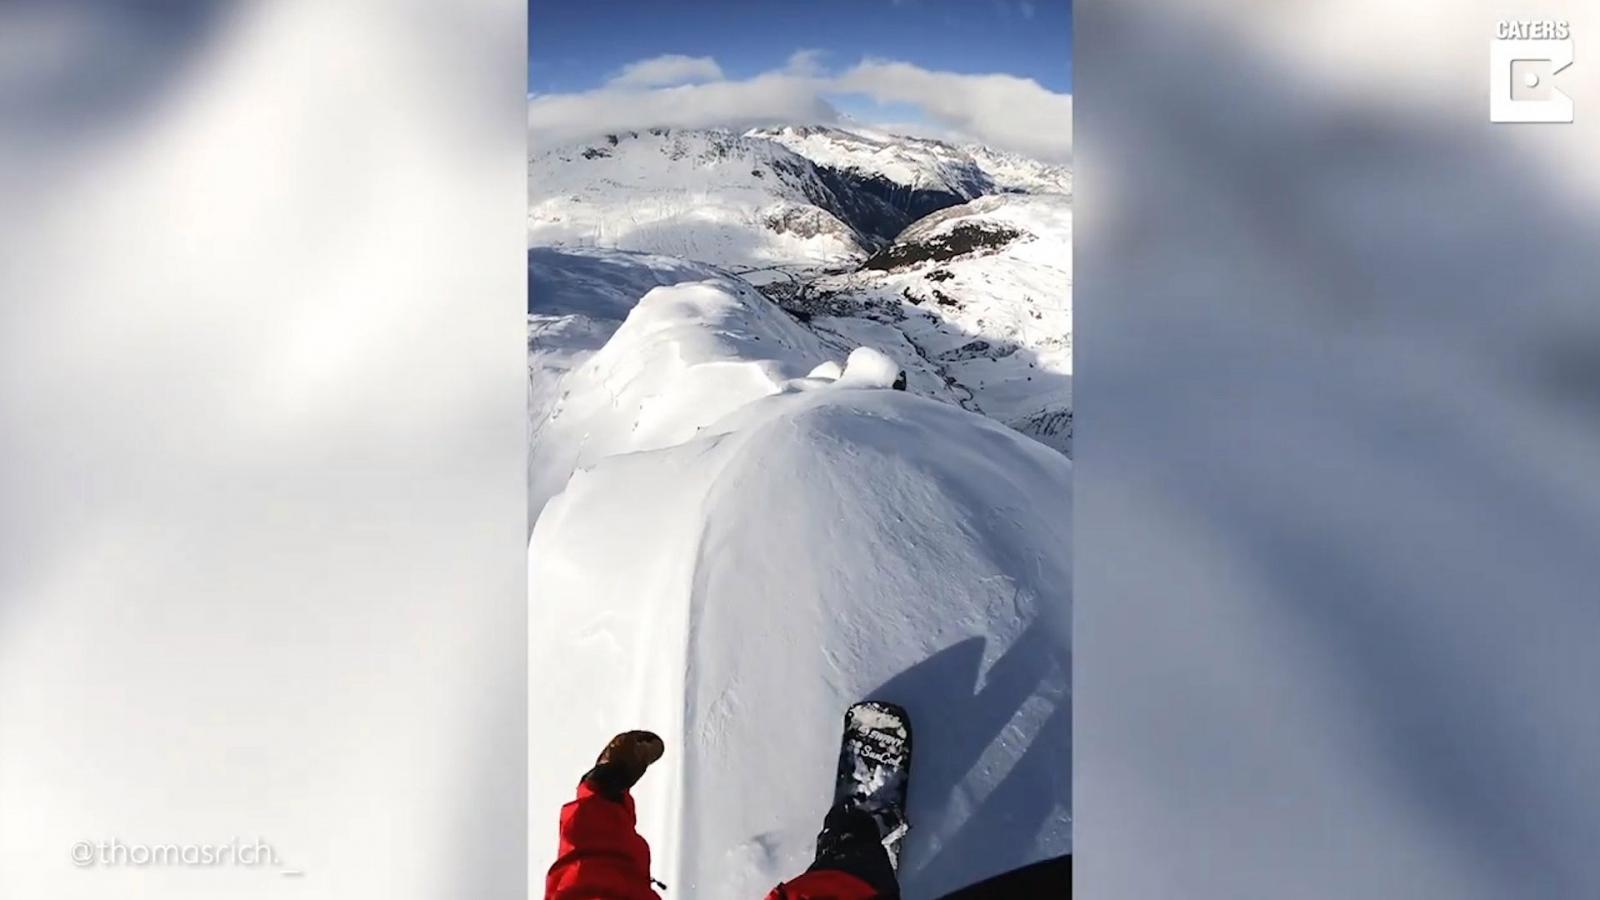 Thót tim màn trượt ván trên tuyết ở sườn núi hẹp